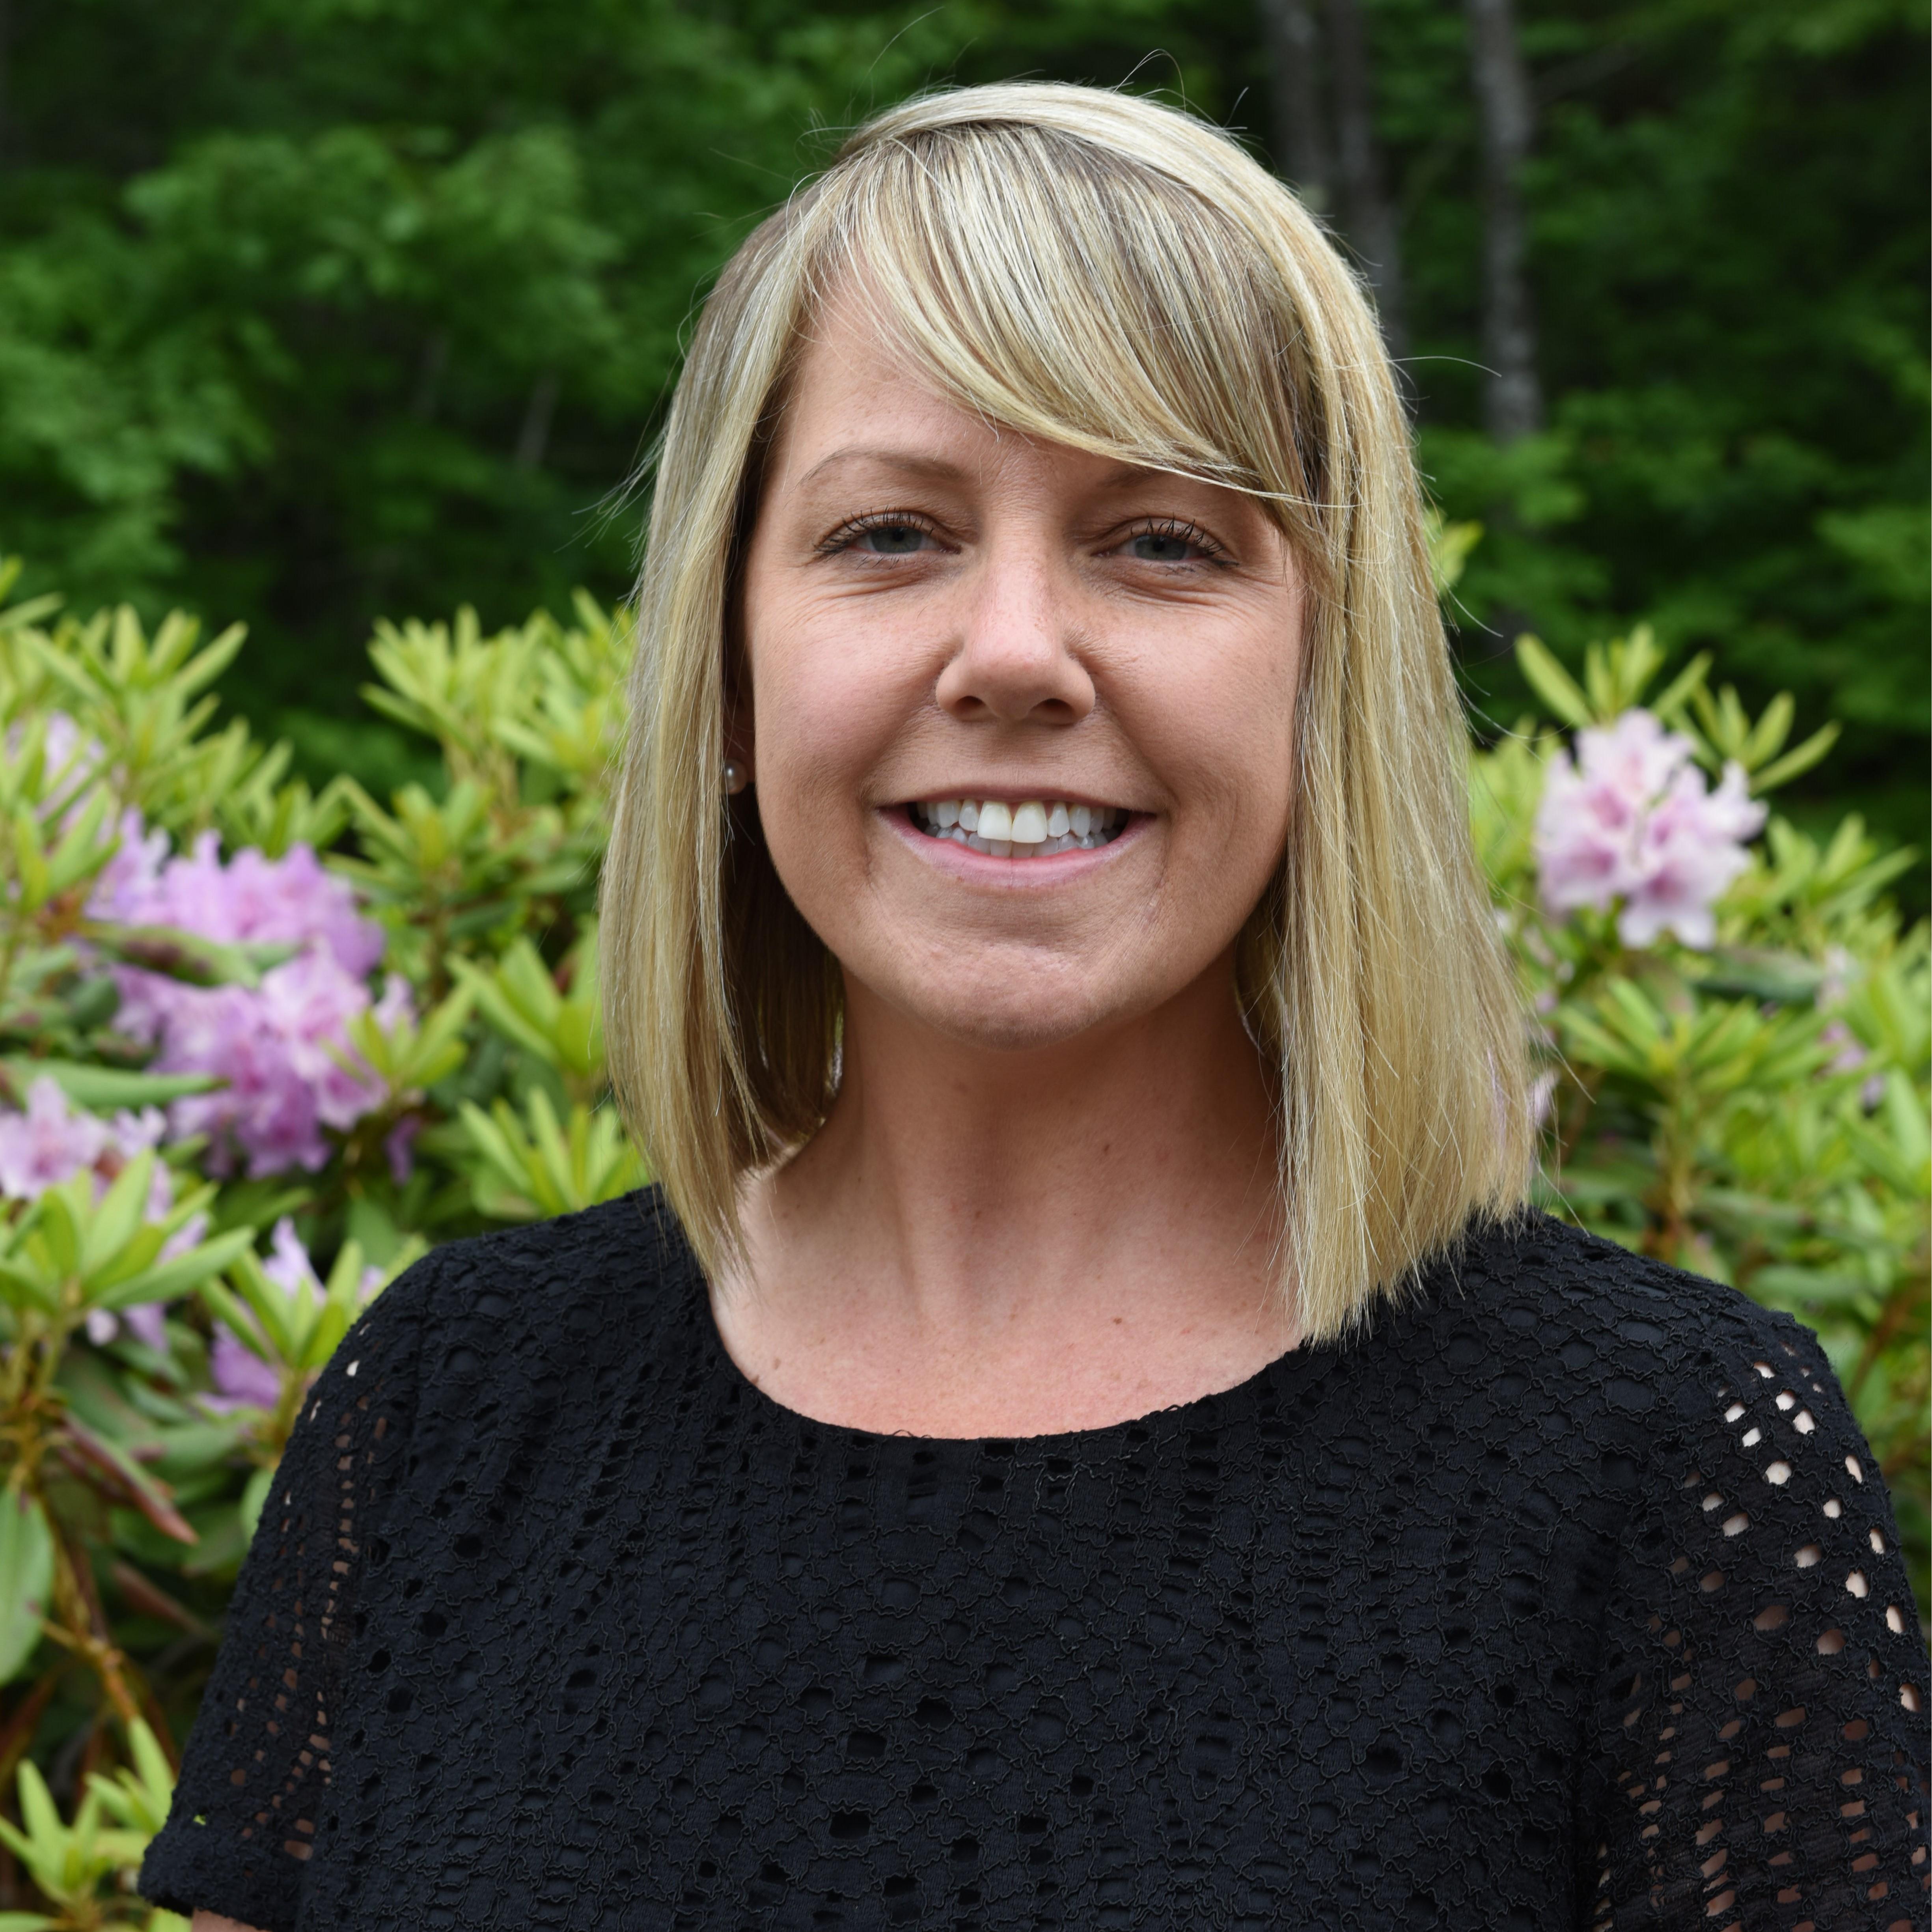 photo of school committee member, Kate Shub